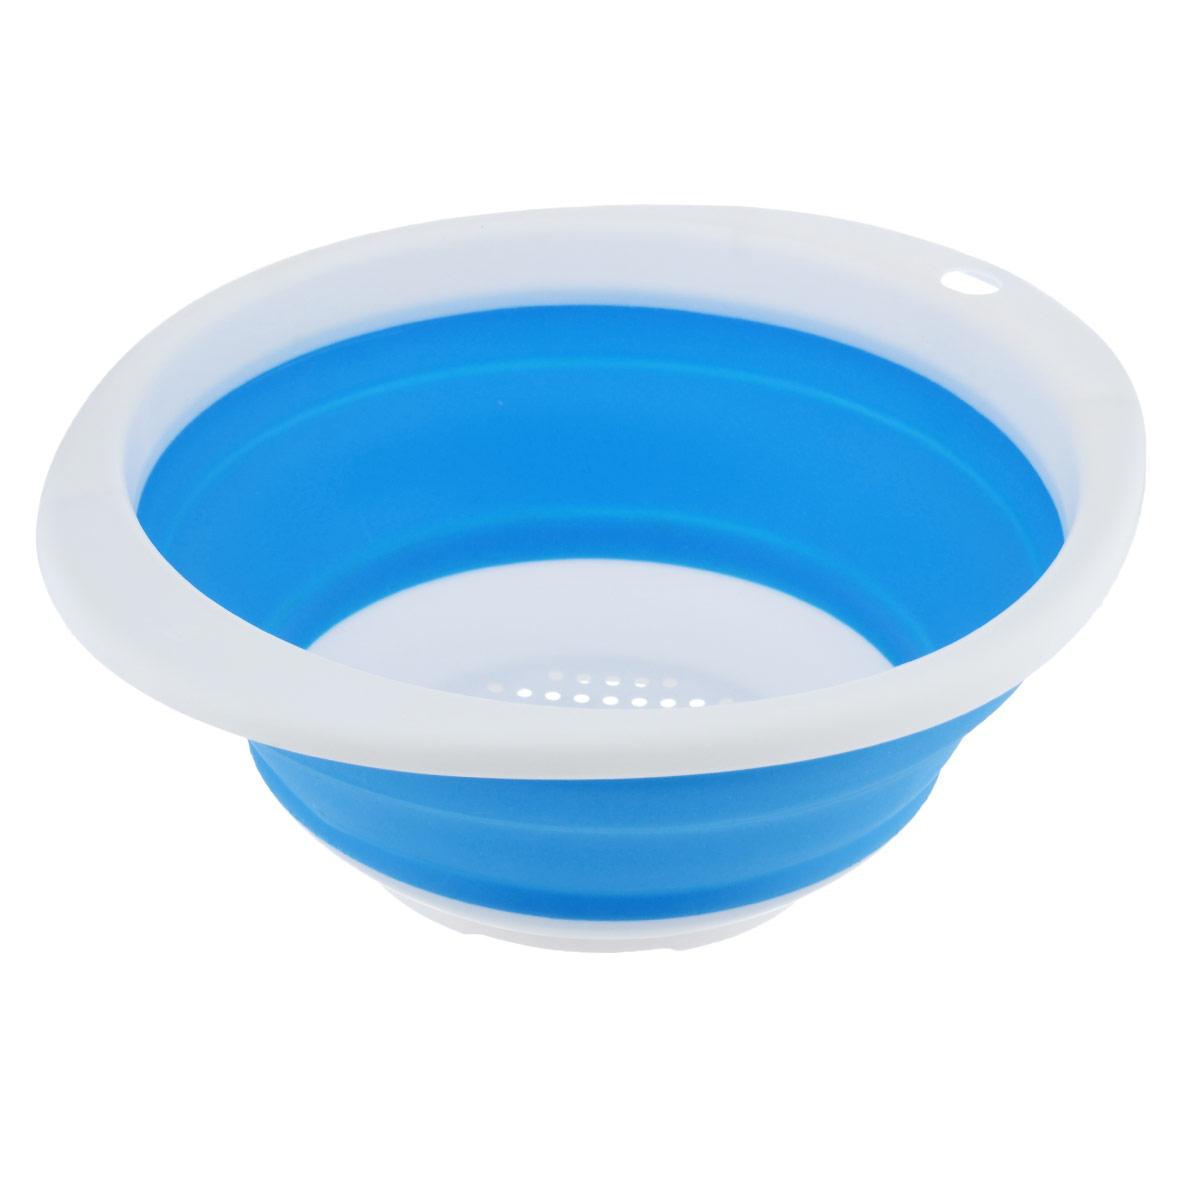 Дуршлаг Идея, складной, цвет: синий. CLD-02CLD-02_синийДуршлаг складной Идея, изготовленный из высококачественного пищевого силикона, станет полезным приобретением для вашей кухни. Он идеально подходит для процеживания, ополаскивания и стекания макарон, овощей, фруктов. Нельзя мыть и сушить в посудомоечной машине.Внутренний диаметр: 18 см.Размер (в разложенном виде): 23 см х 20 см х 9 см.Размер (в сложенном виде): 23 см х 20 см х 3 см.